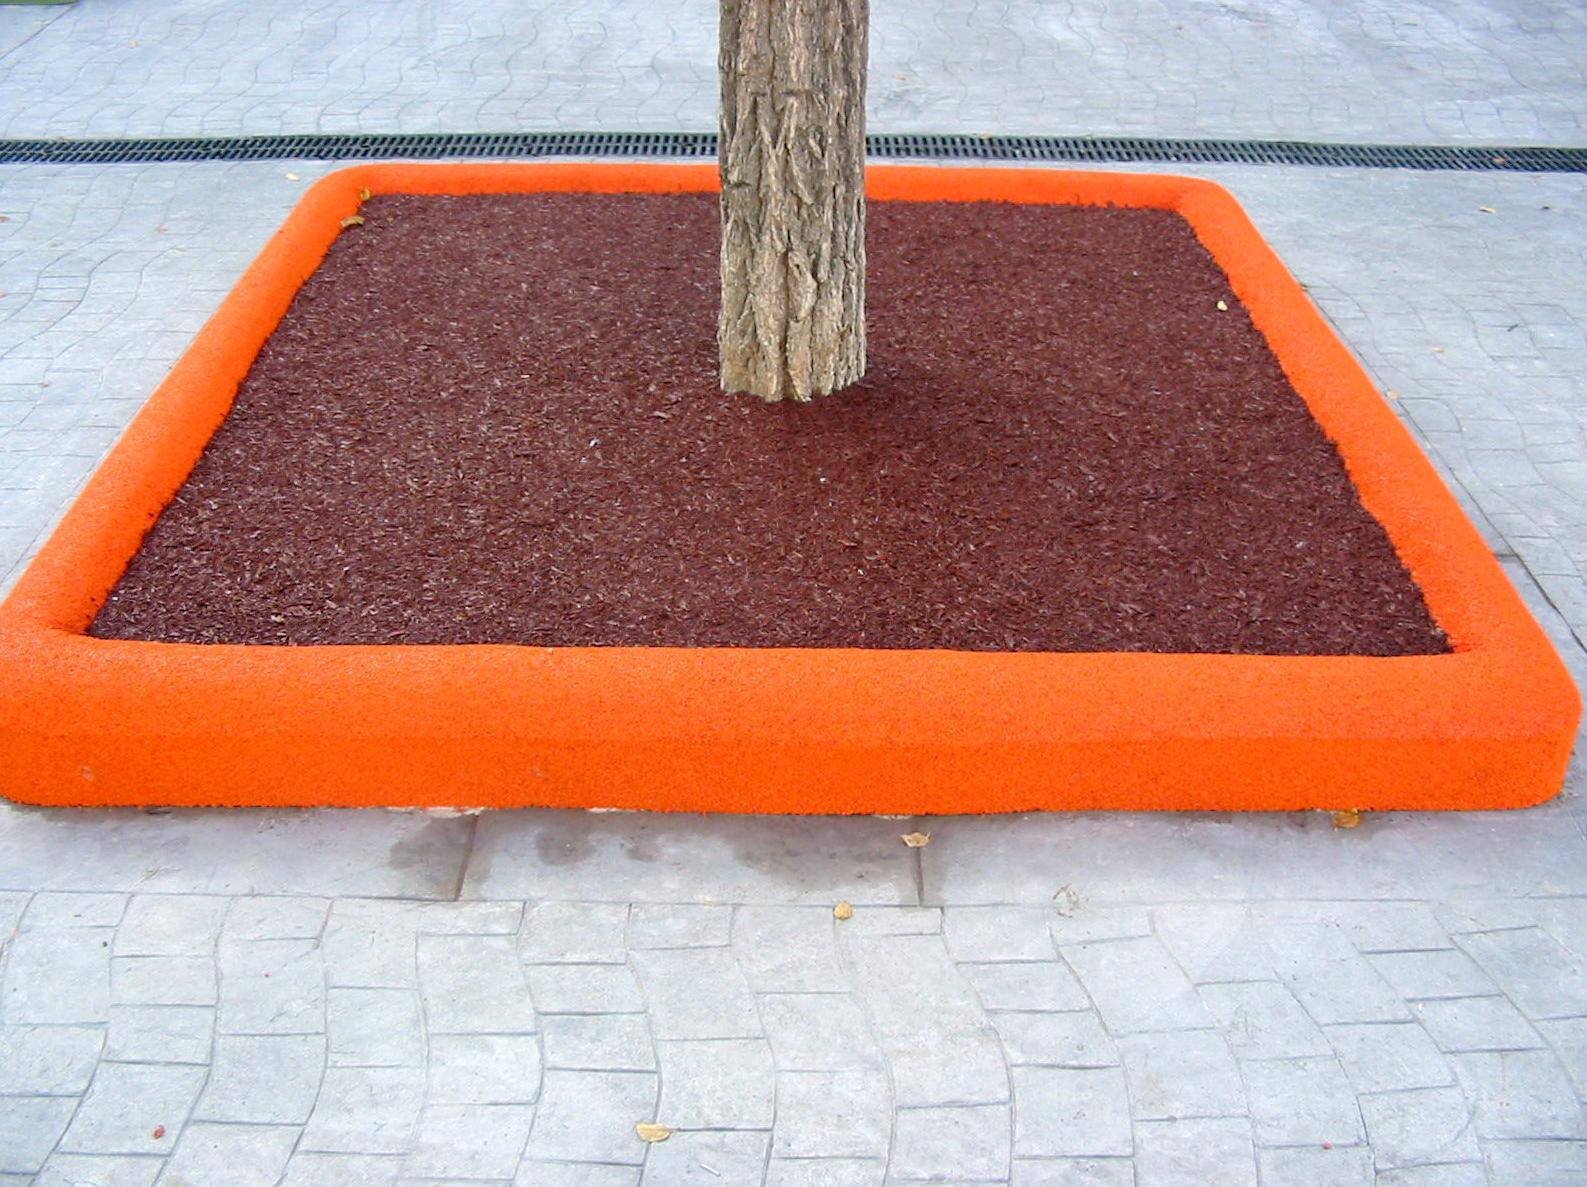 Pavimento de caucho